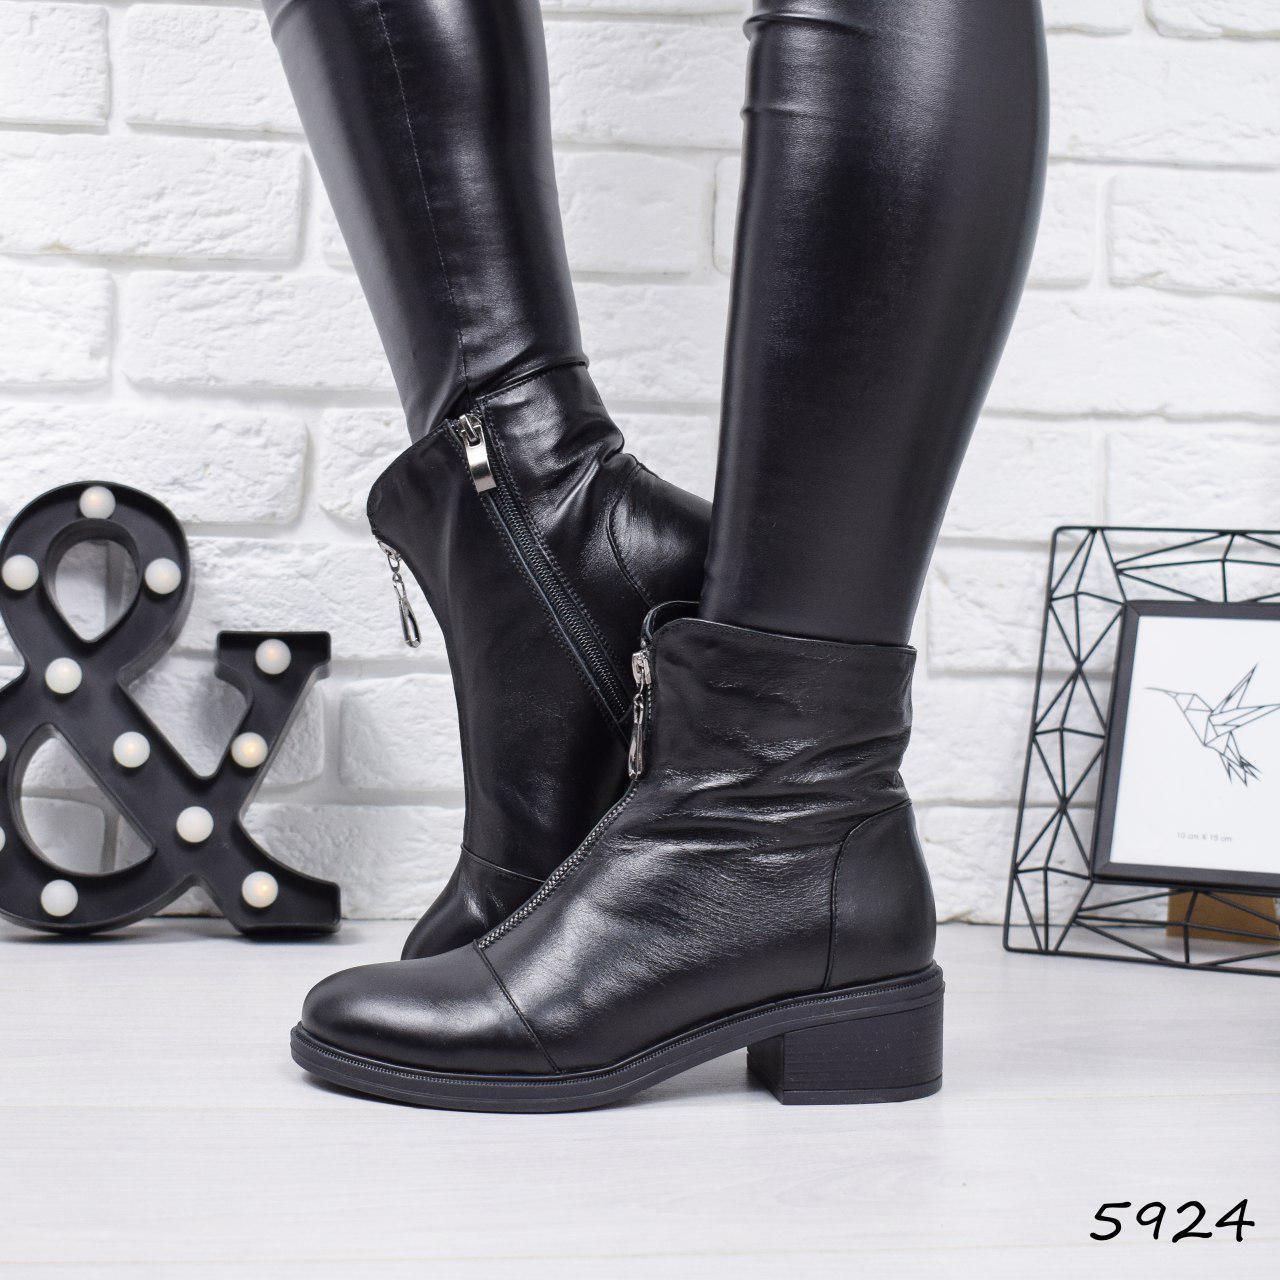 """Ботинки, ботильоны черные ЗИМА """"Zeline"""" НАТУРАЛЬНАЯ КОЖА, повседневная, теплая, зимняя, женская обувь"""